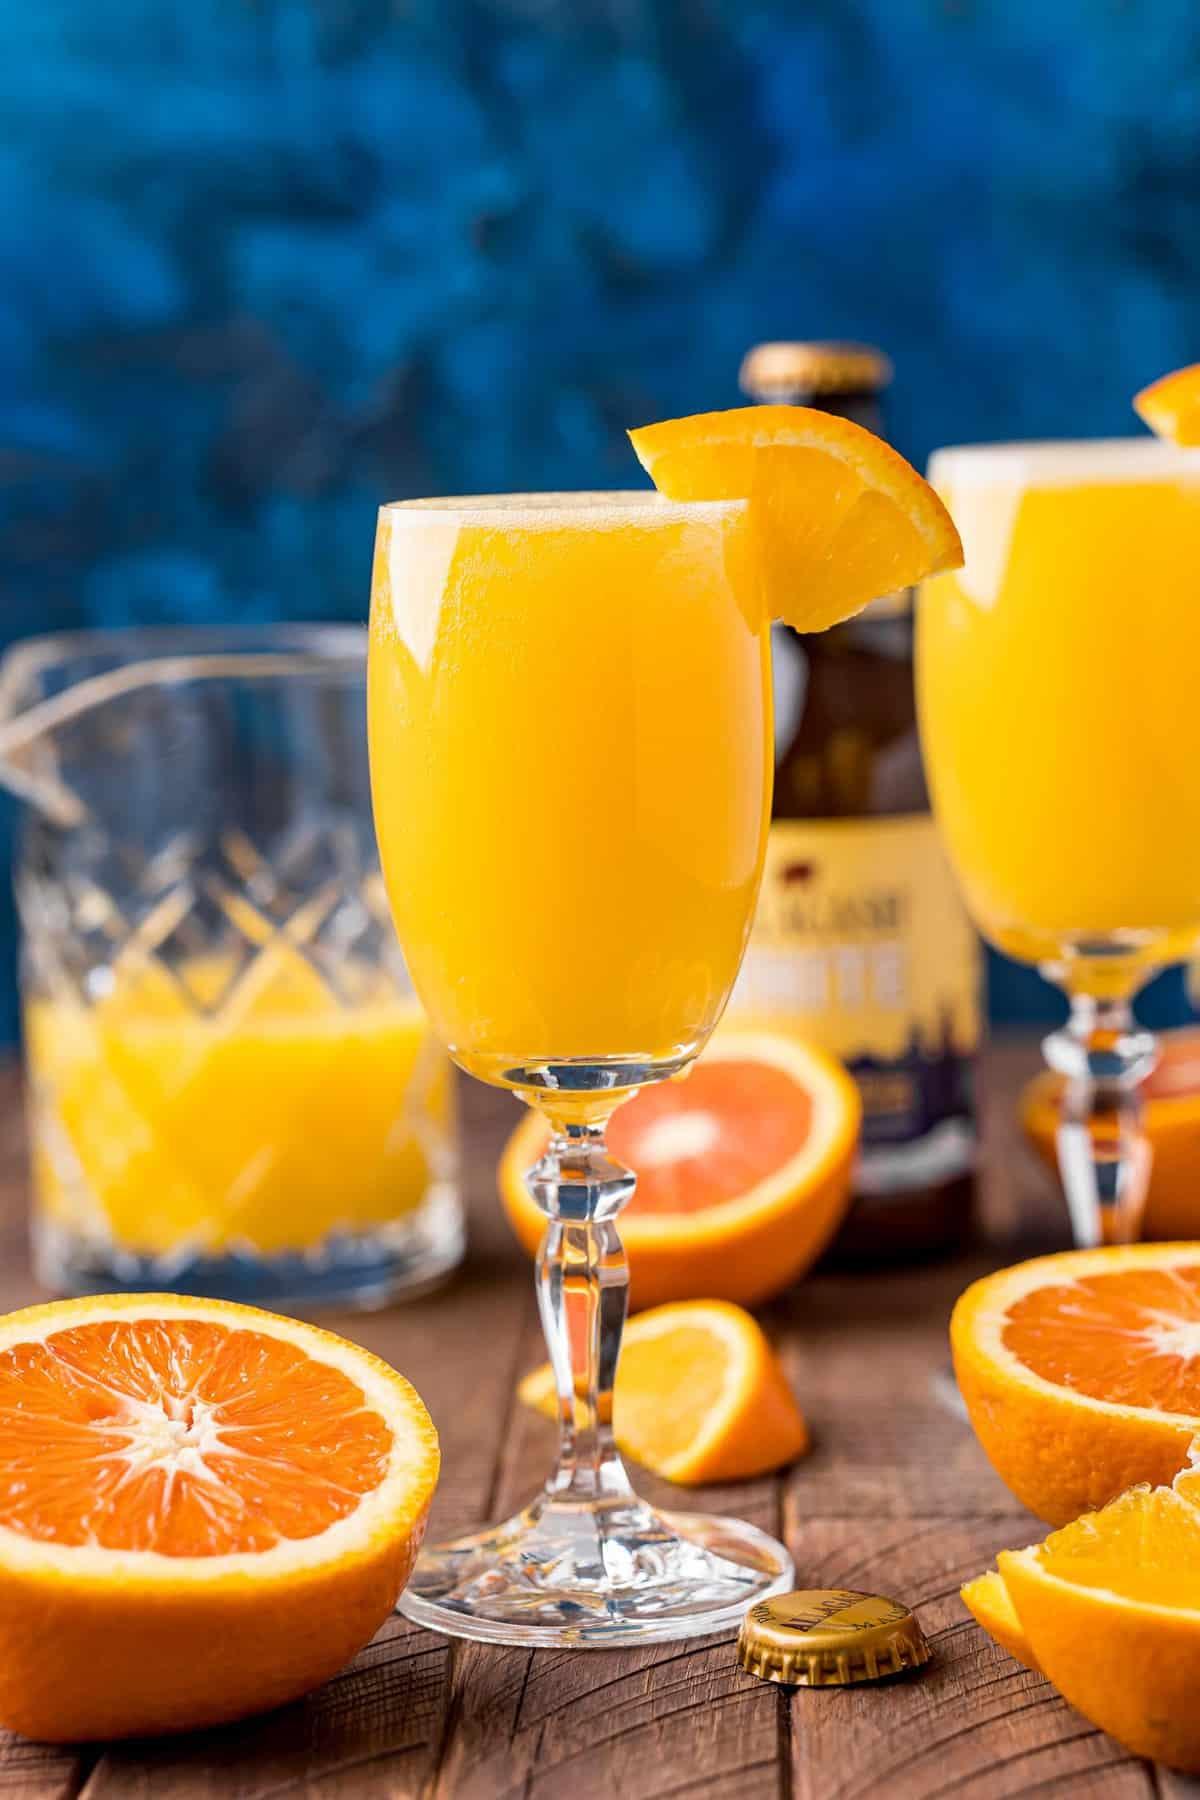 Orange juice based cocktail in a stemmed glass against a dark blue background.